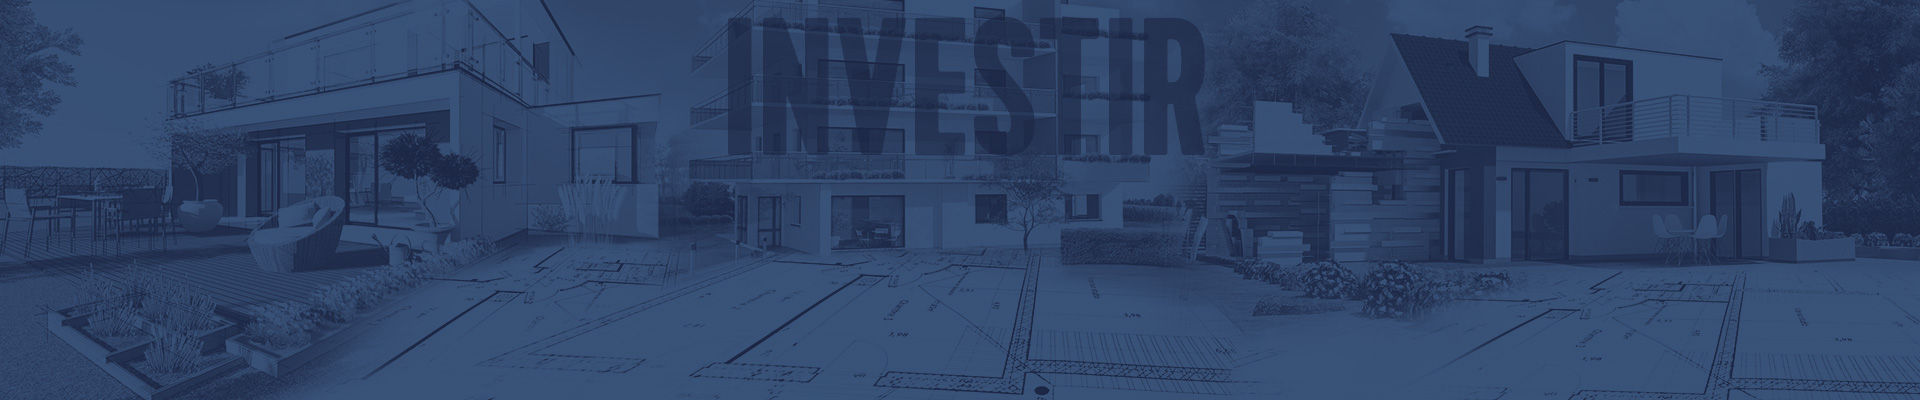 image-header-investissement